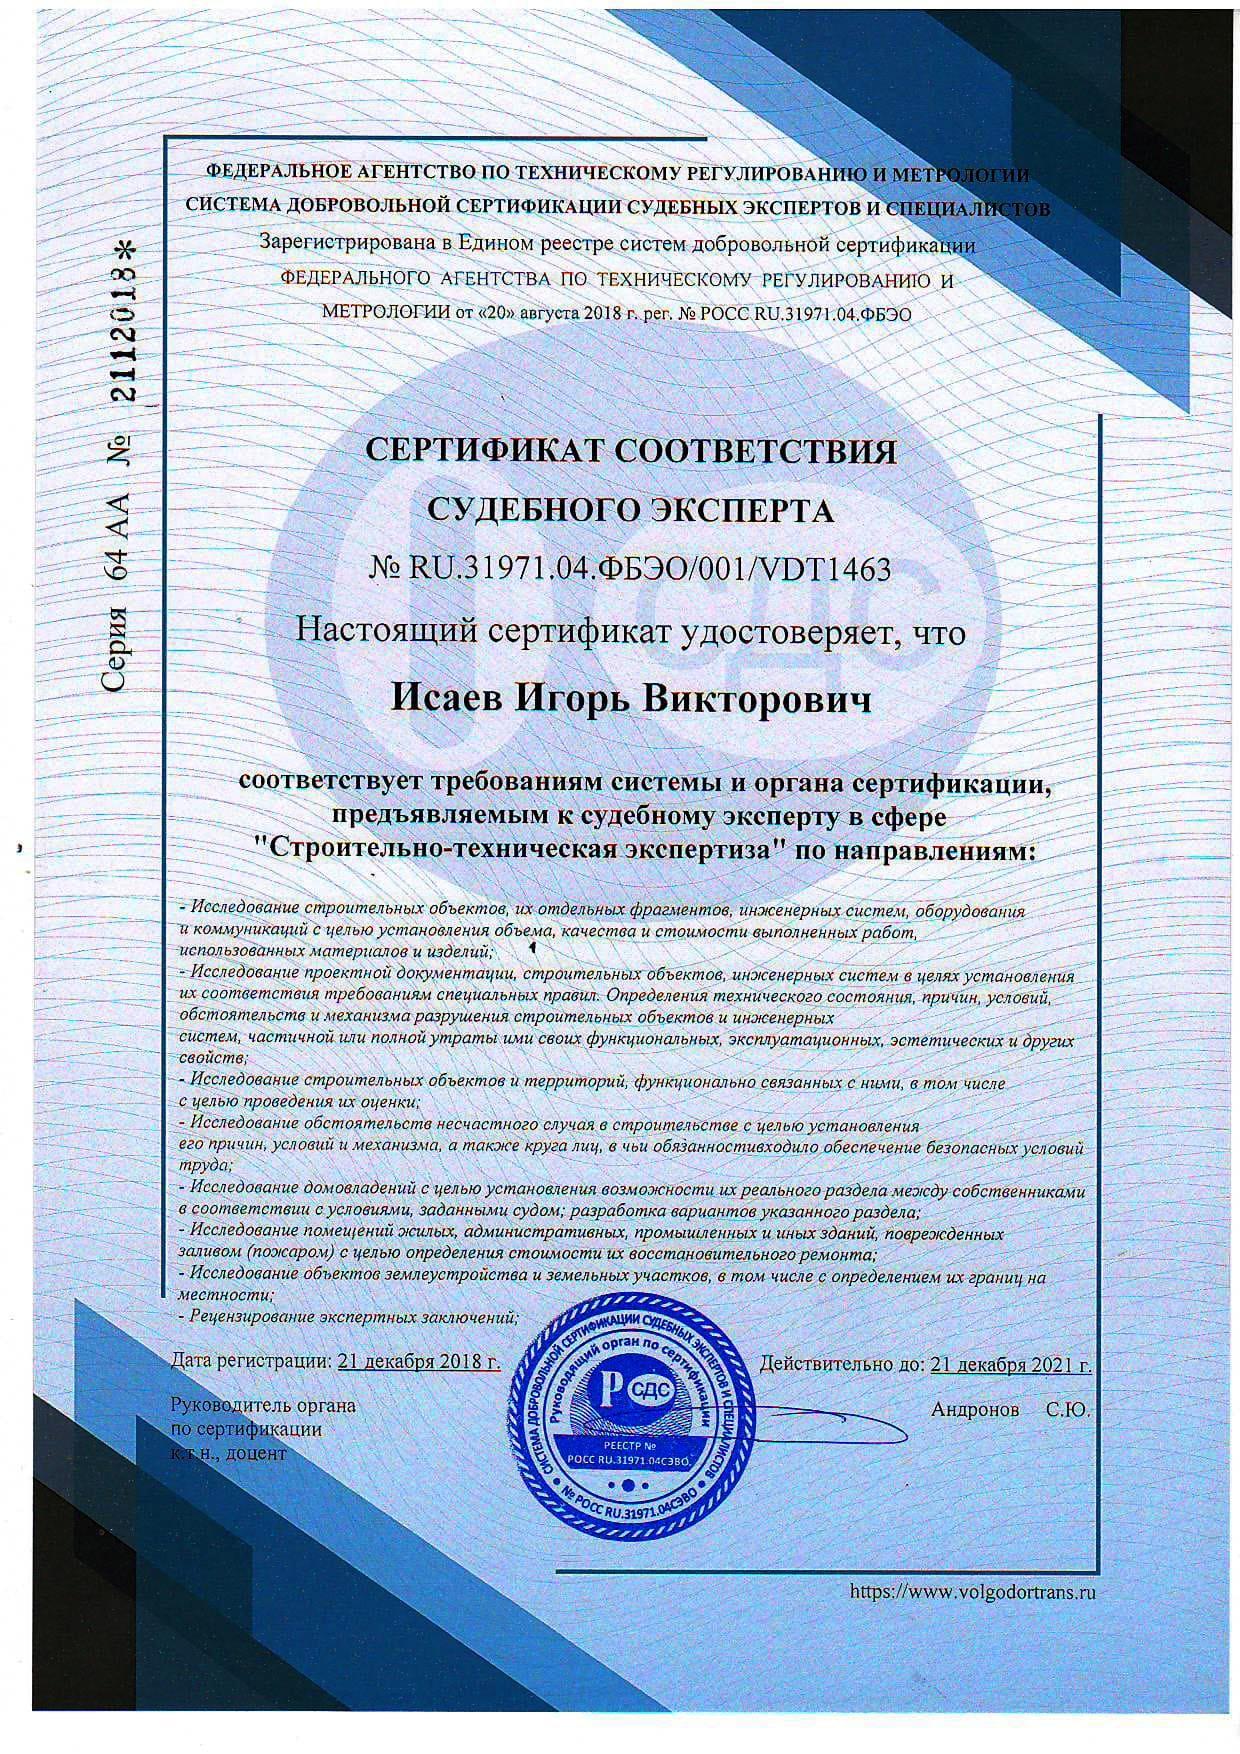 Сертификат соответствия 64АА2112018